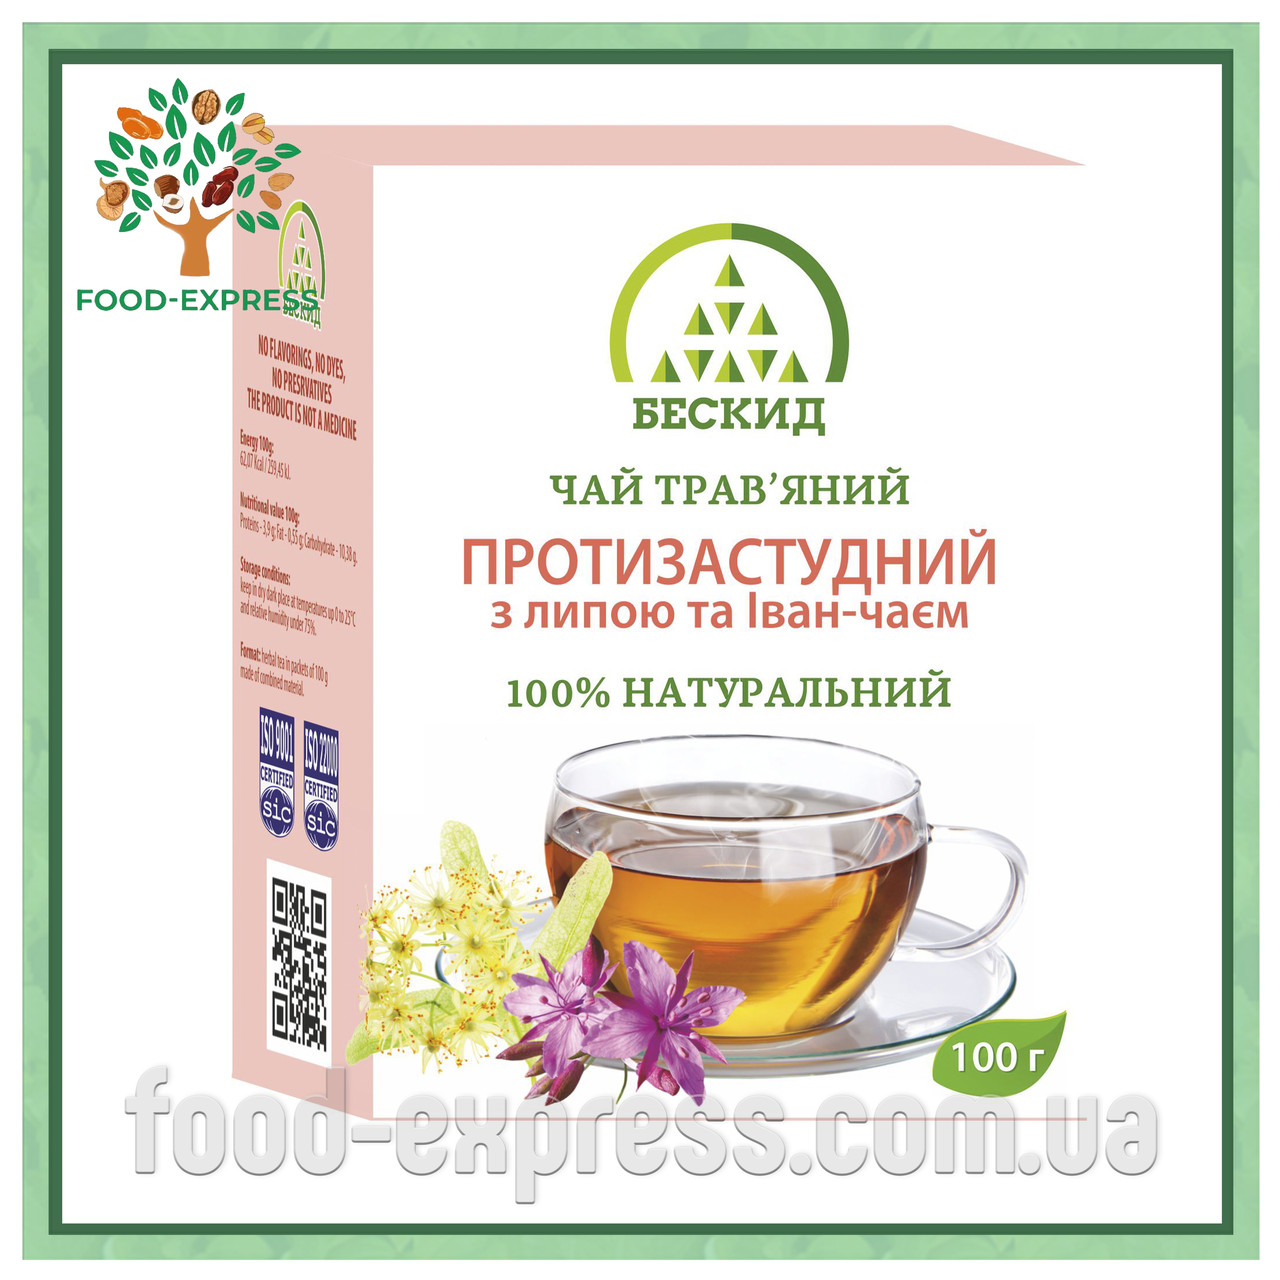 Чай трав'яний «Протизастудний» з липою а Іван-чаєм 100г